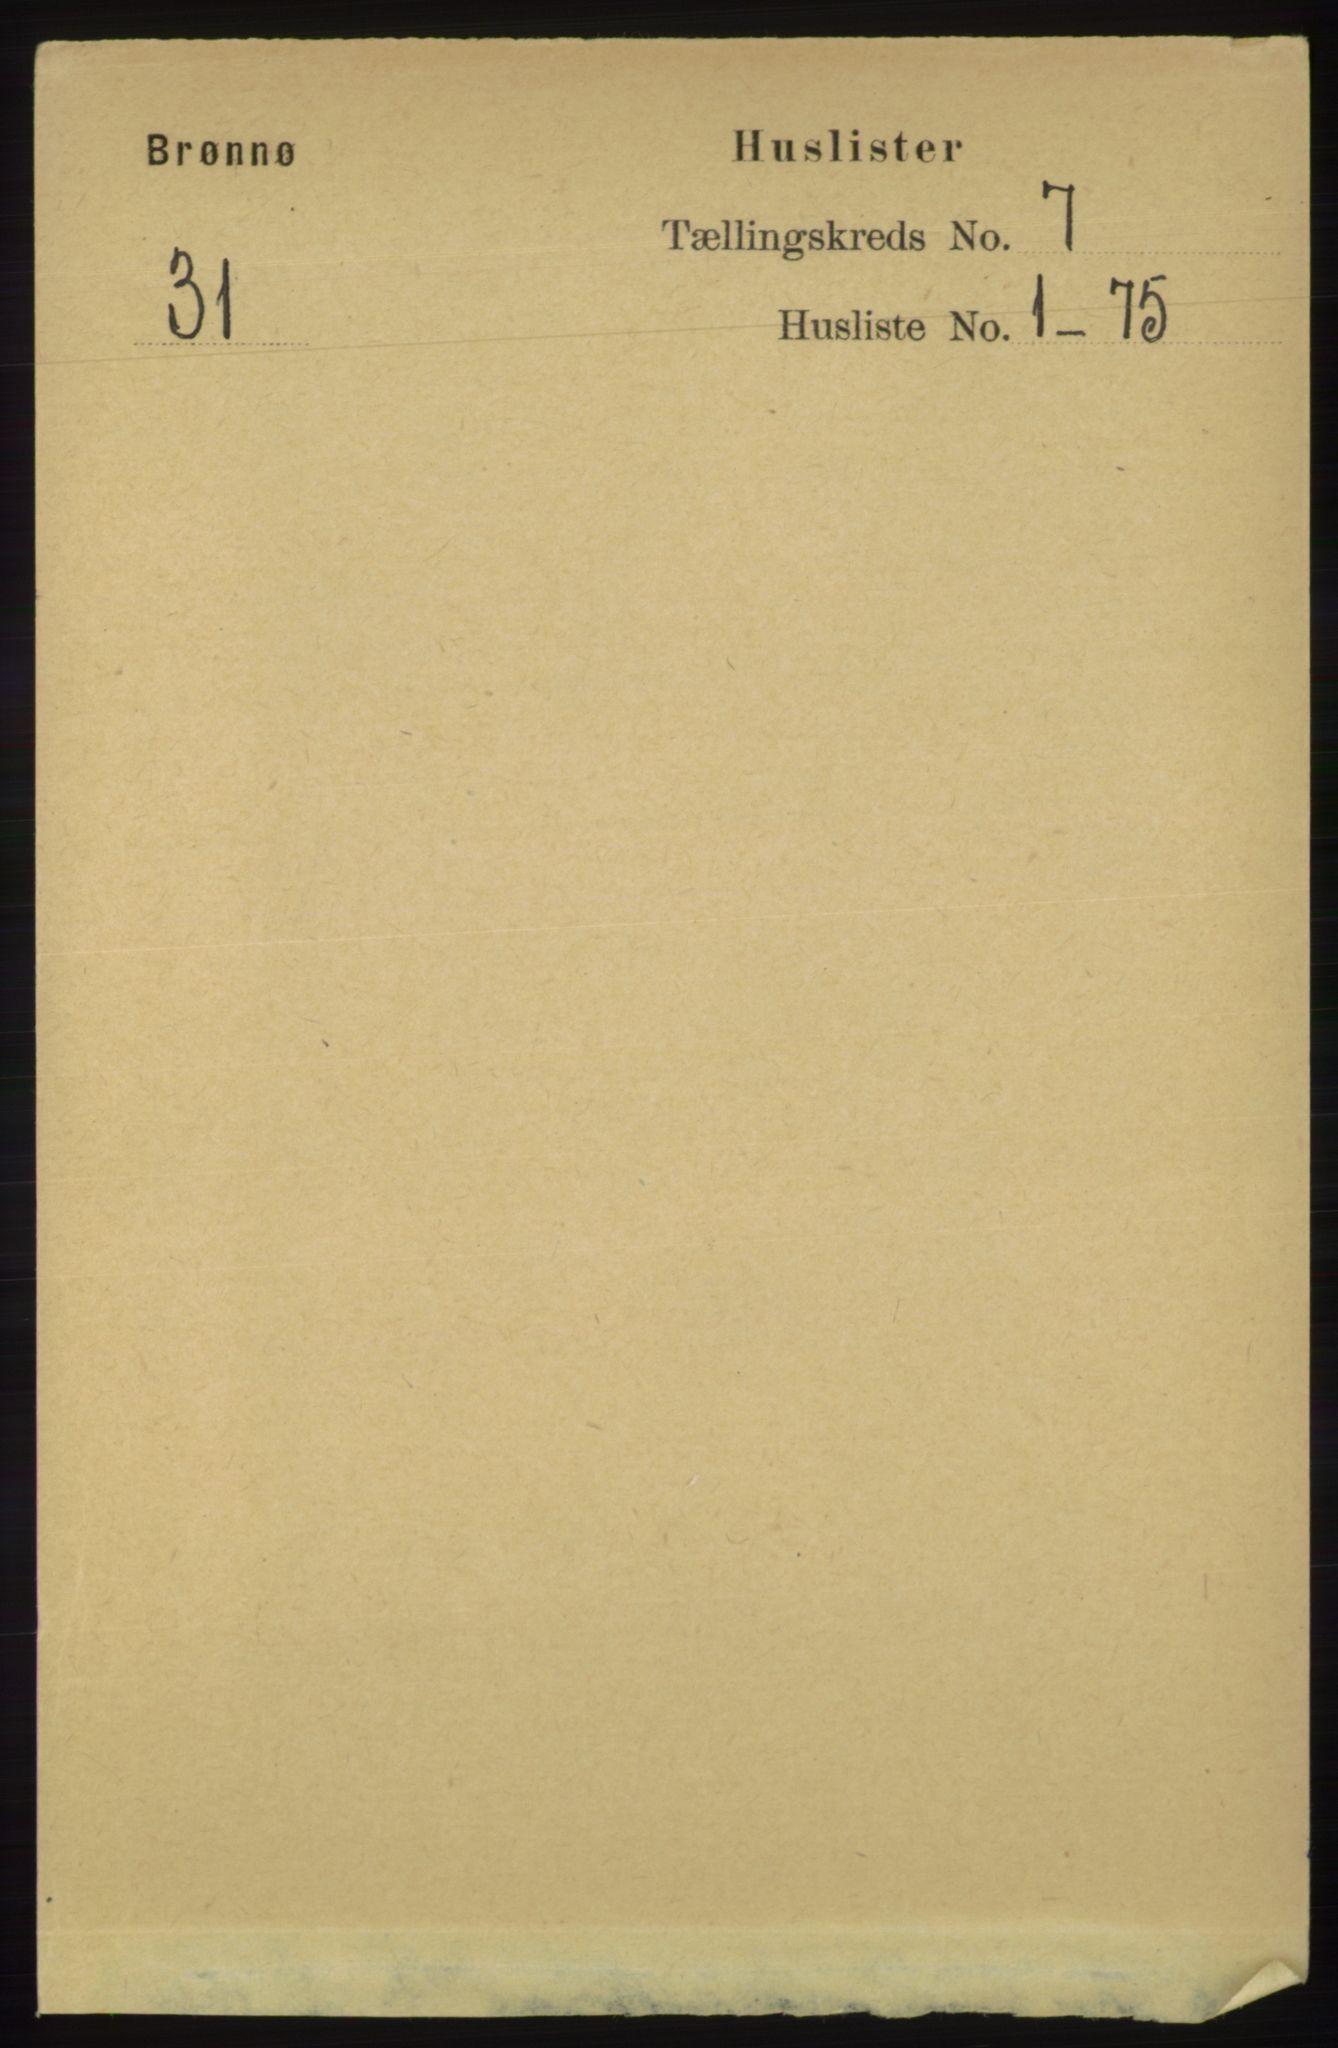 RA, Folketelling 1891 for 1814 Brønnøy herred, 1891, s. 3674